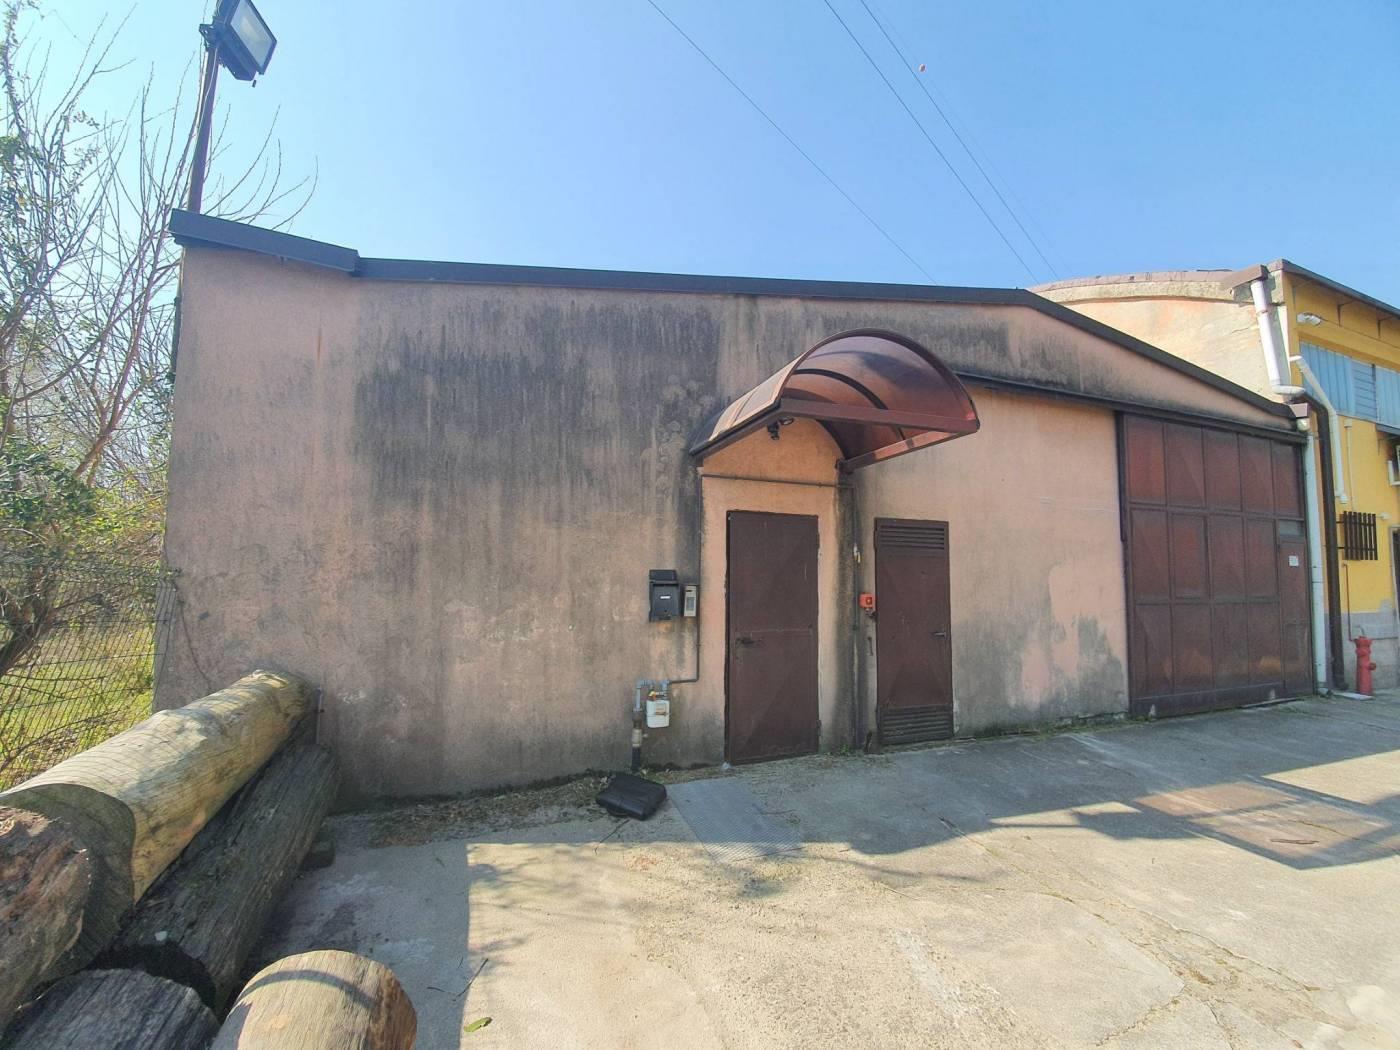 Foto 1 - Magazzino in Vendita - Monza, Zona Buonarroti